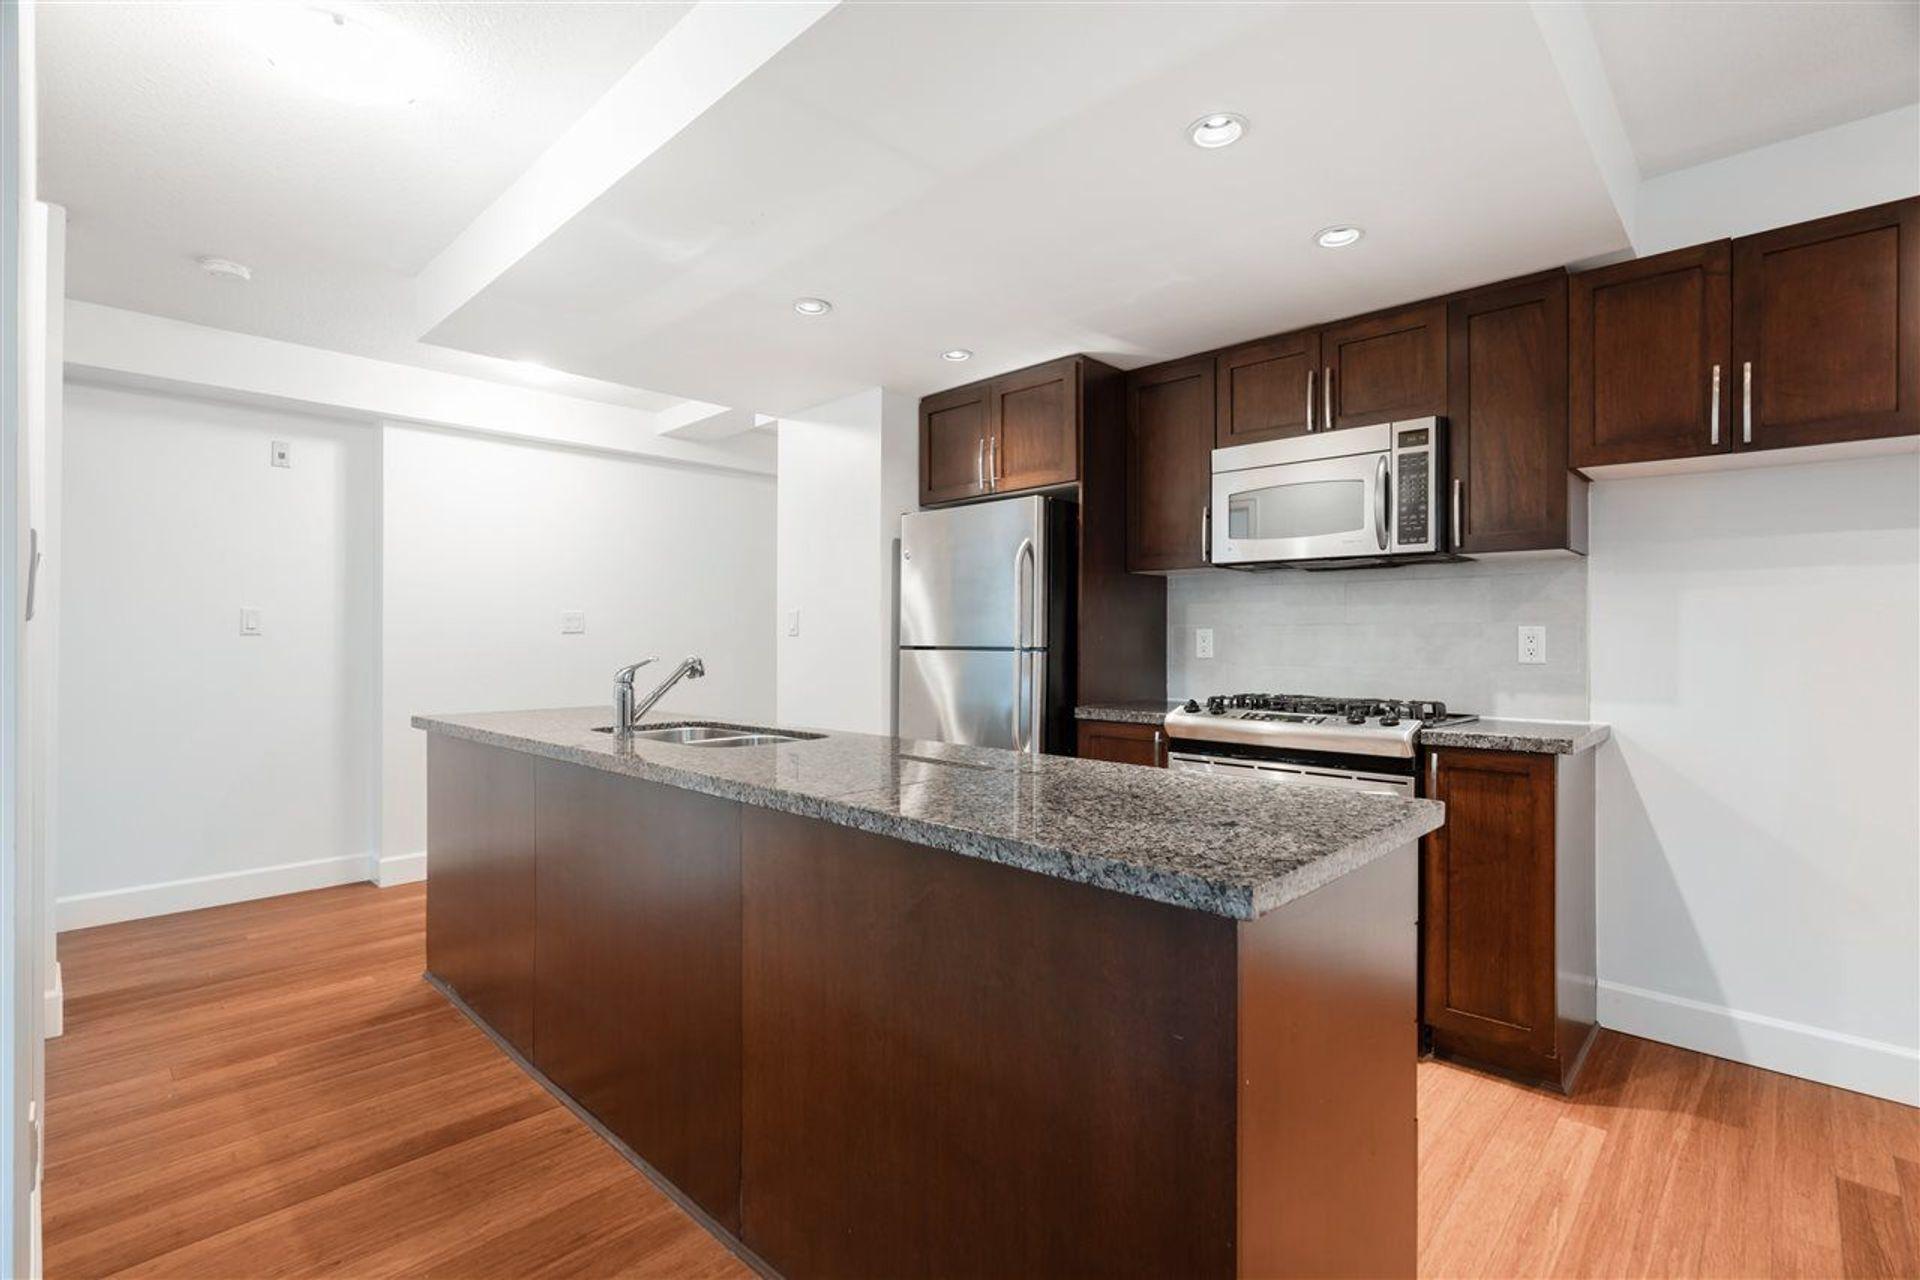 3811-hastings-street-vancouver-heights-burnaby-north-12 at 103 - 3811 Hastings Street, Vancouver Heights, Burnaby North